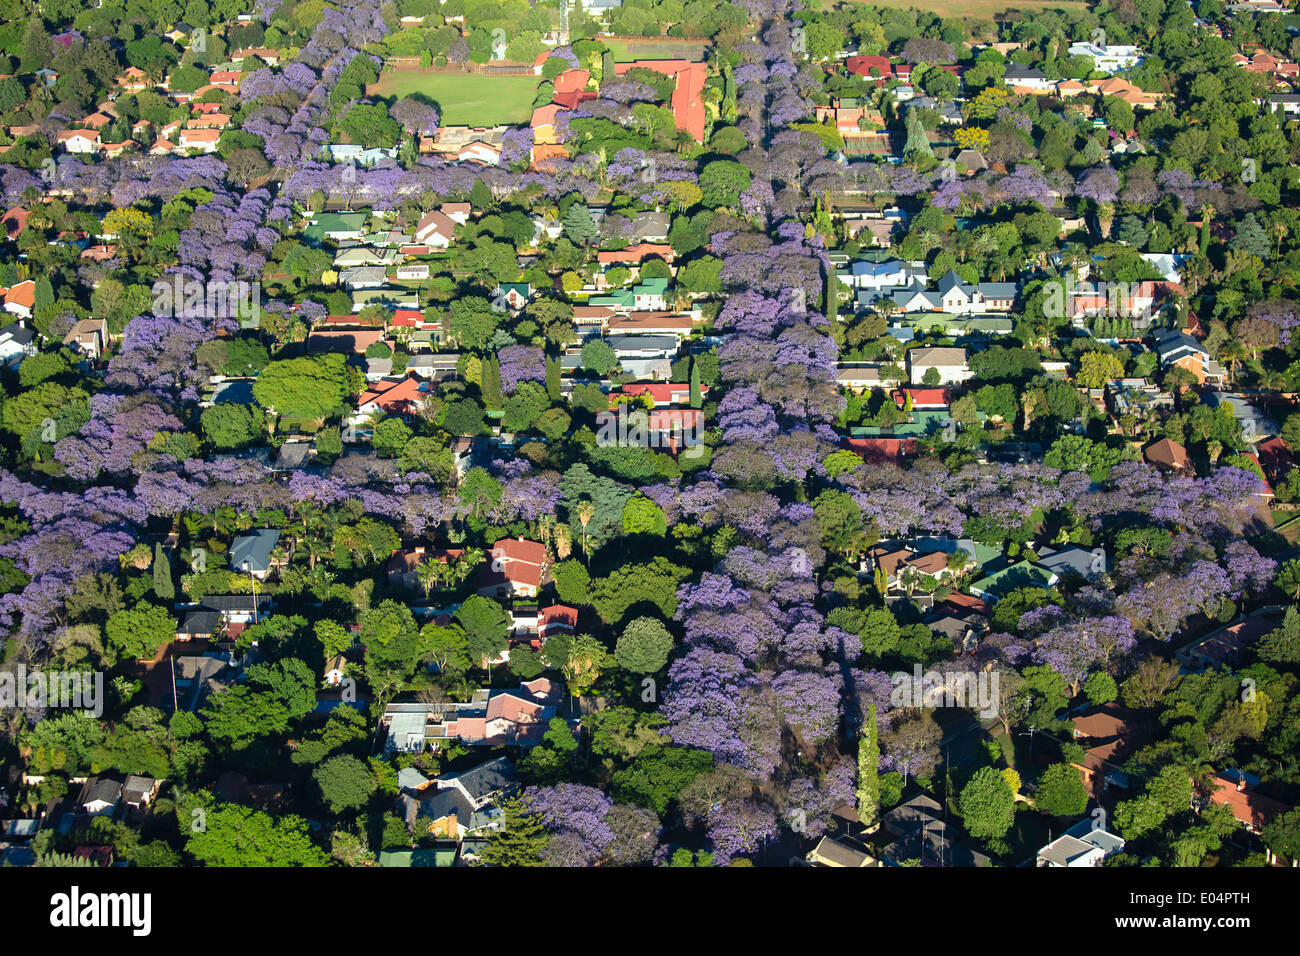 Vista aerea di alberi di jacaranda in fiore,sobborghi di Johannesburg, il che la rende una delle città più verdi del mondo.Sud Africa Immagini Stock